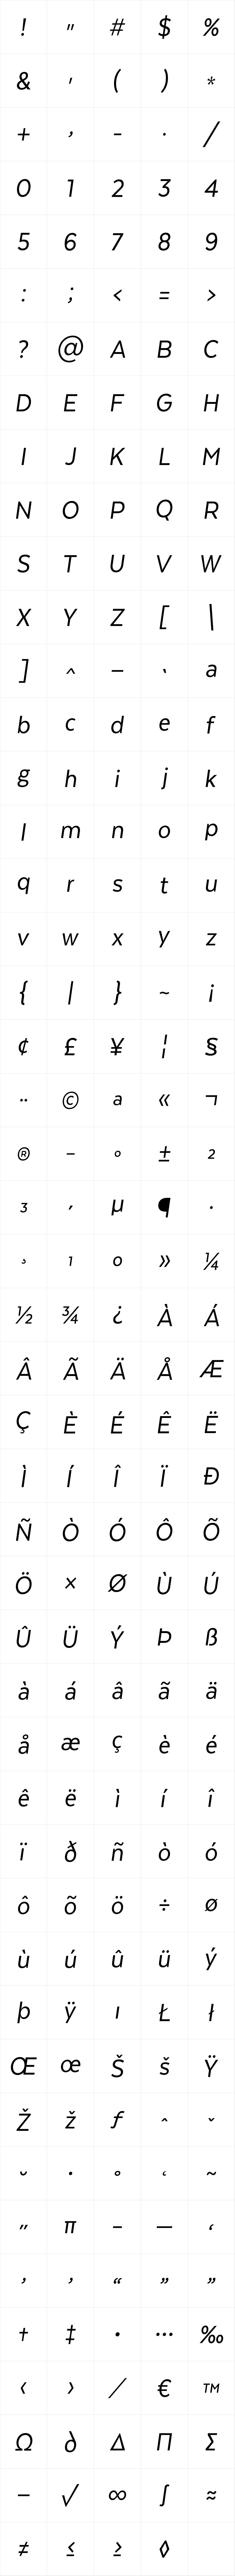 Texta NarrowAlt Italic